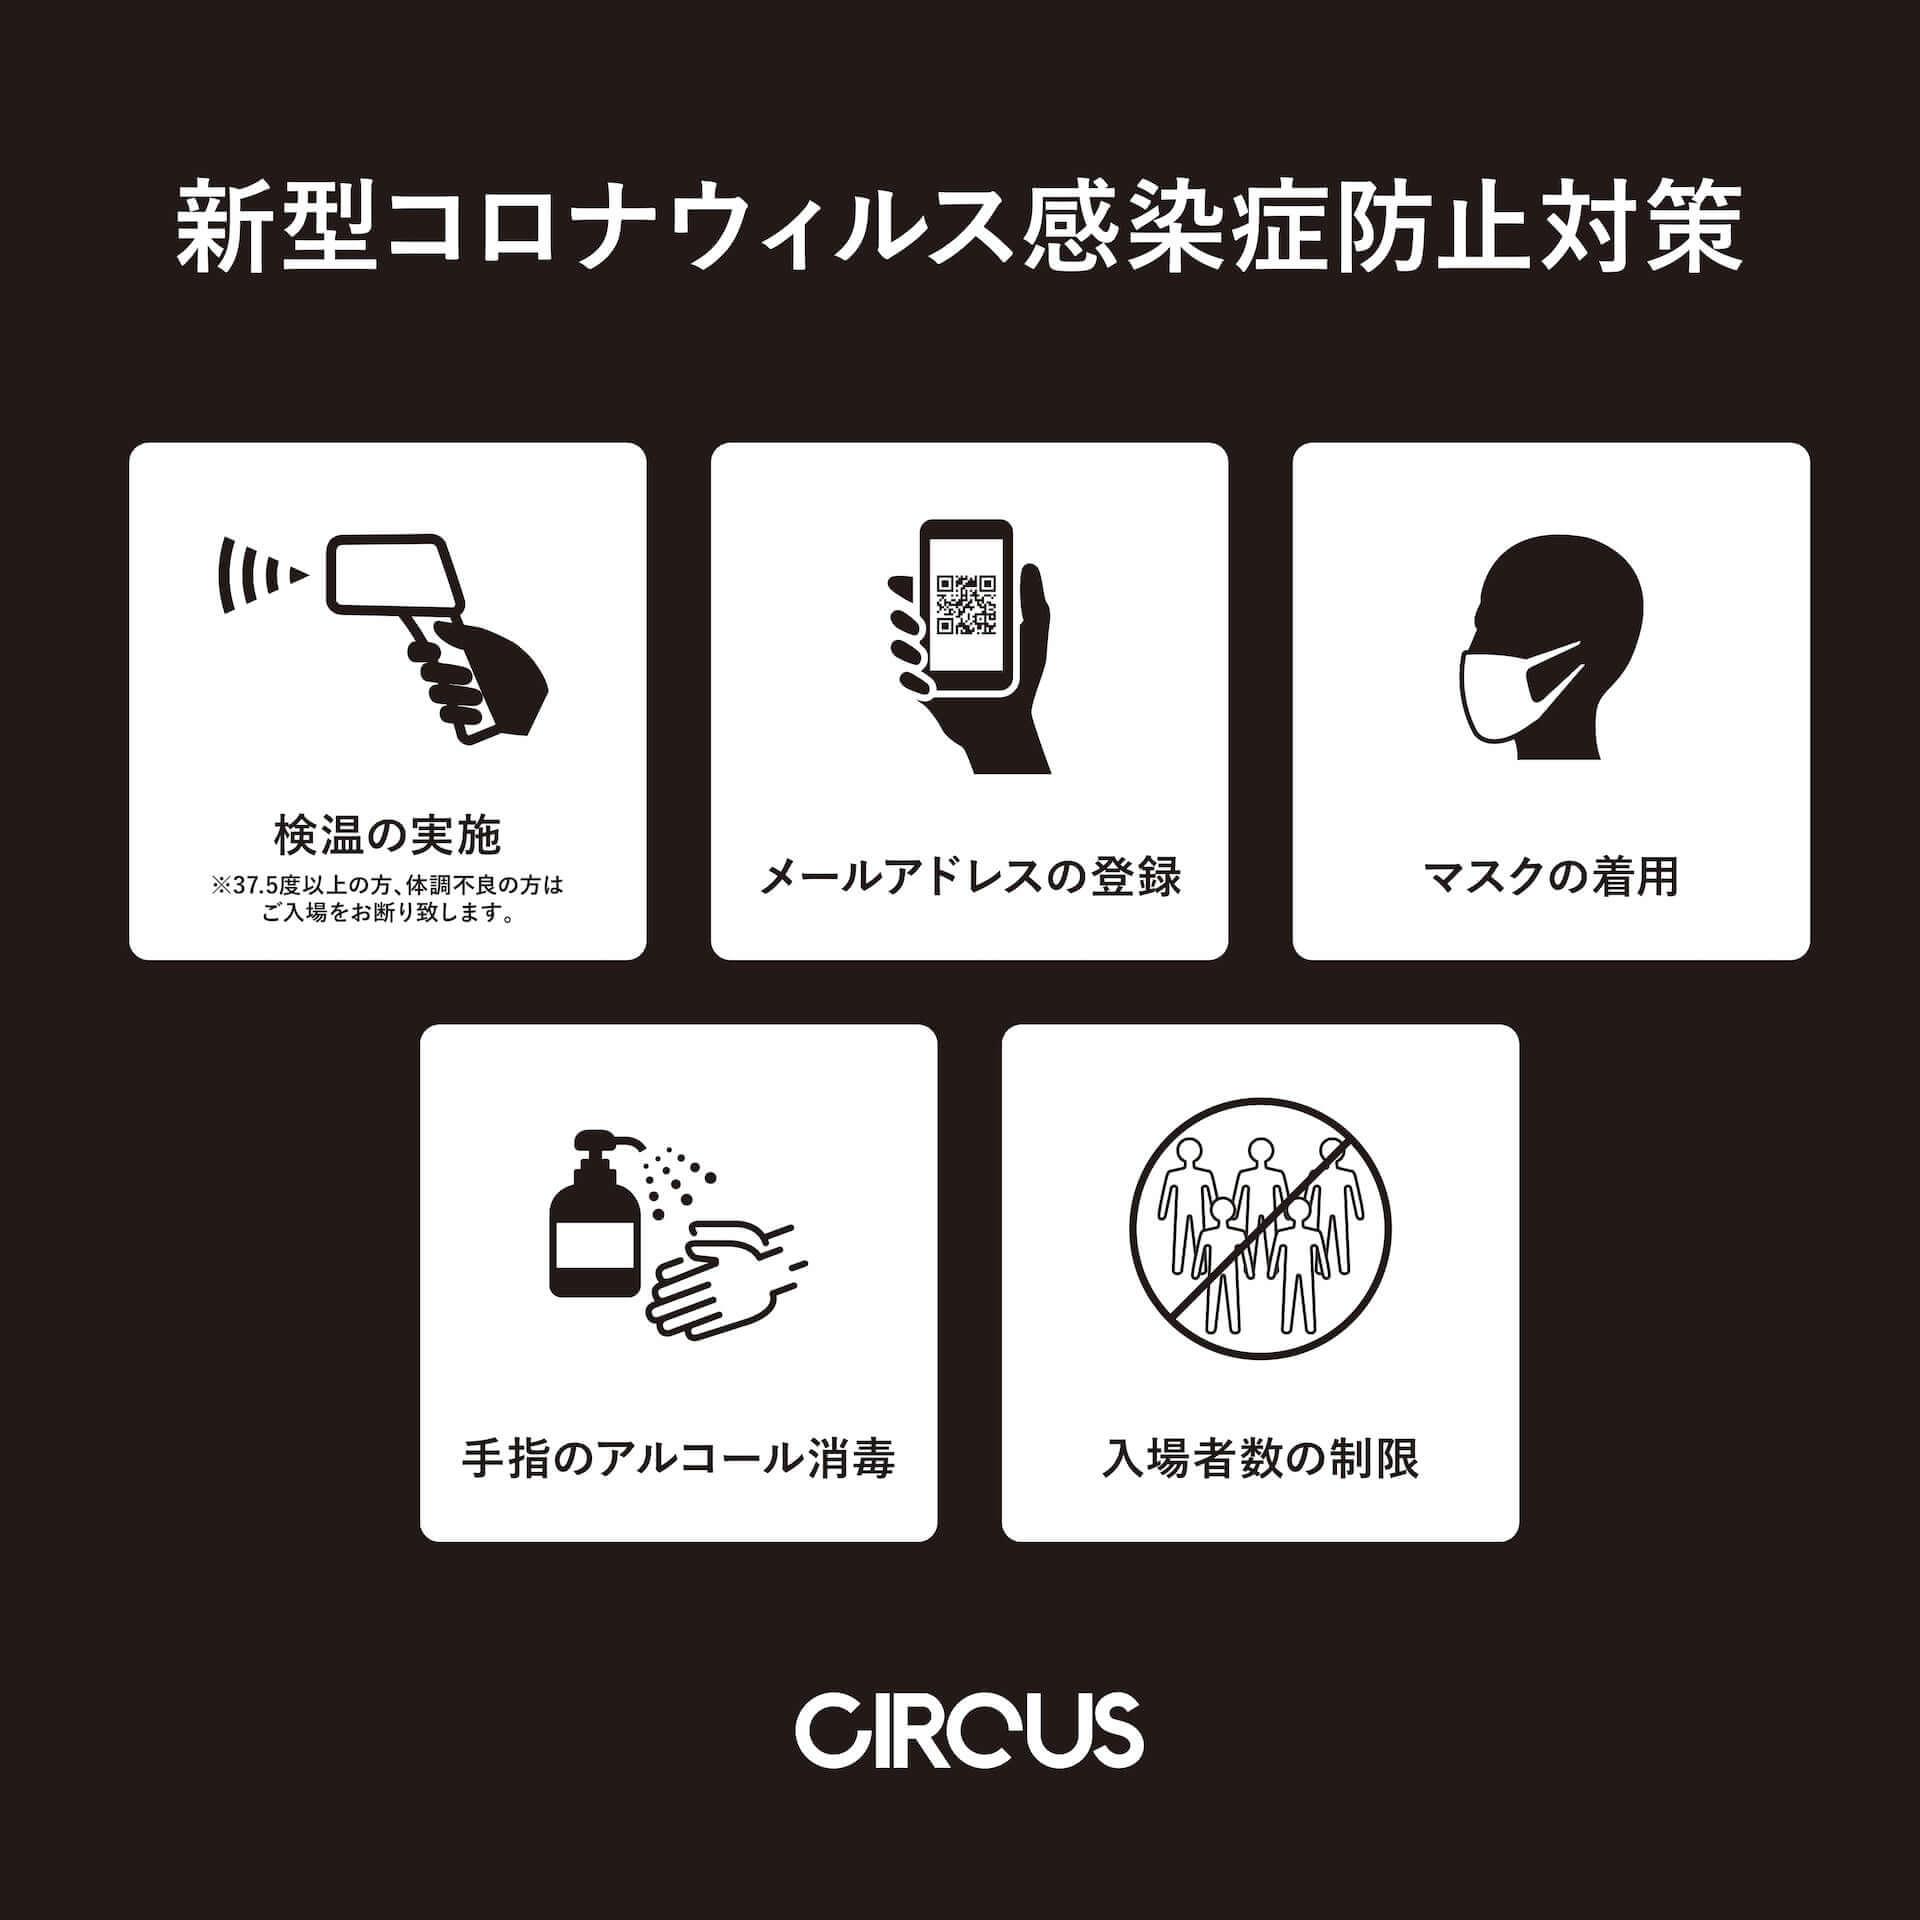 5周年を迎えたCIRCUS TOKYOが世界最先端の音響設備「VOID acoustics」を期間限定で導入!okadada、DJ WILDPARTYによる<AUDIO TWO>やSeiho出演<Inspiration>など続々開催 music201016_circus-tokyo_9-1920x1920